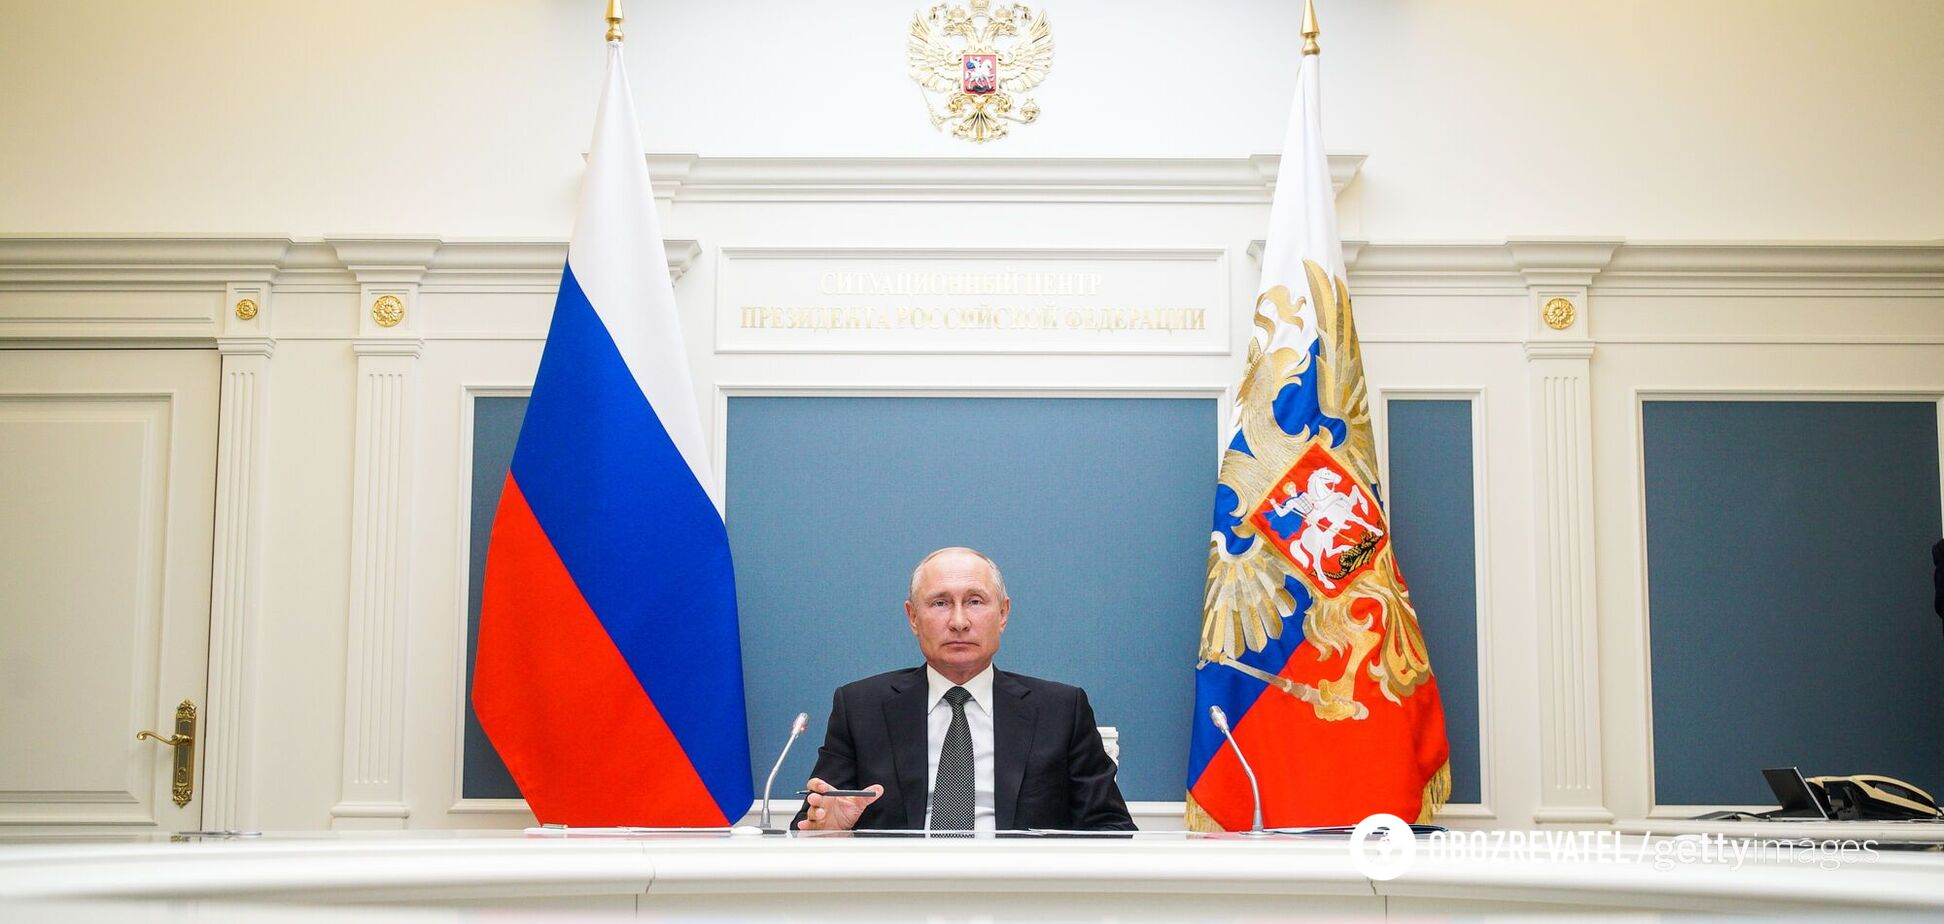 Володимир Путін міг стати другом для кожного росіянина